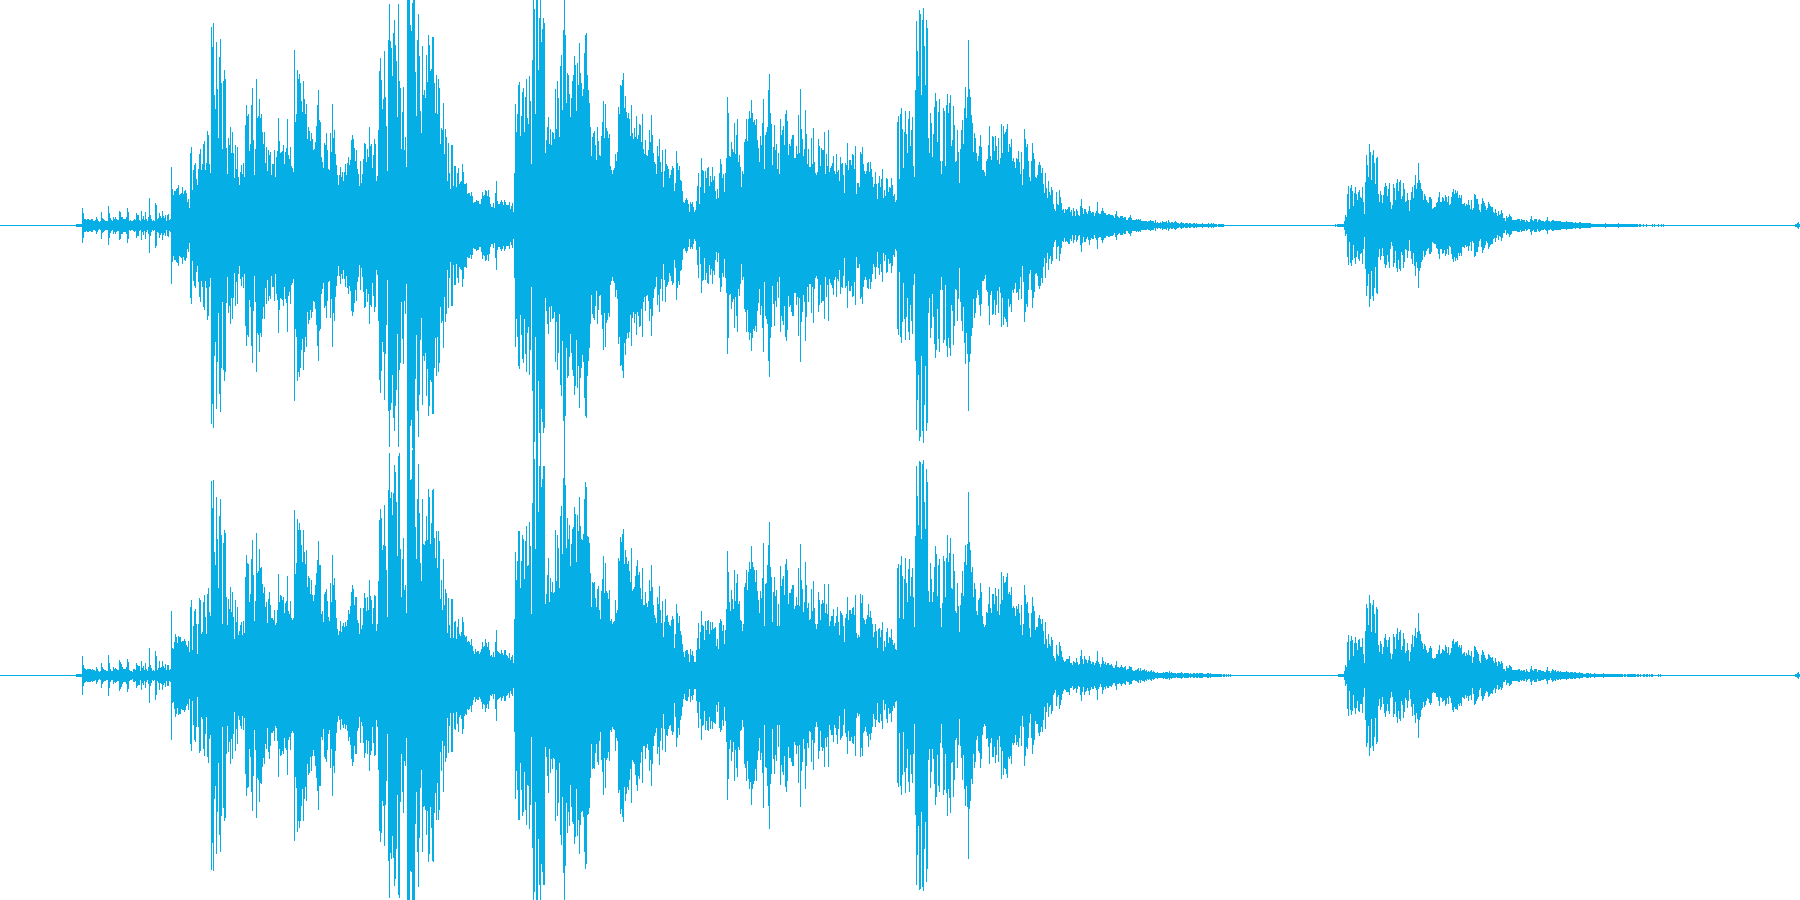 リセット音5(ゲヴァゲヴァシャッシャッ)の再生済みの波形